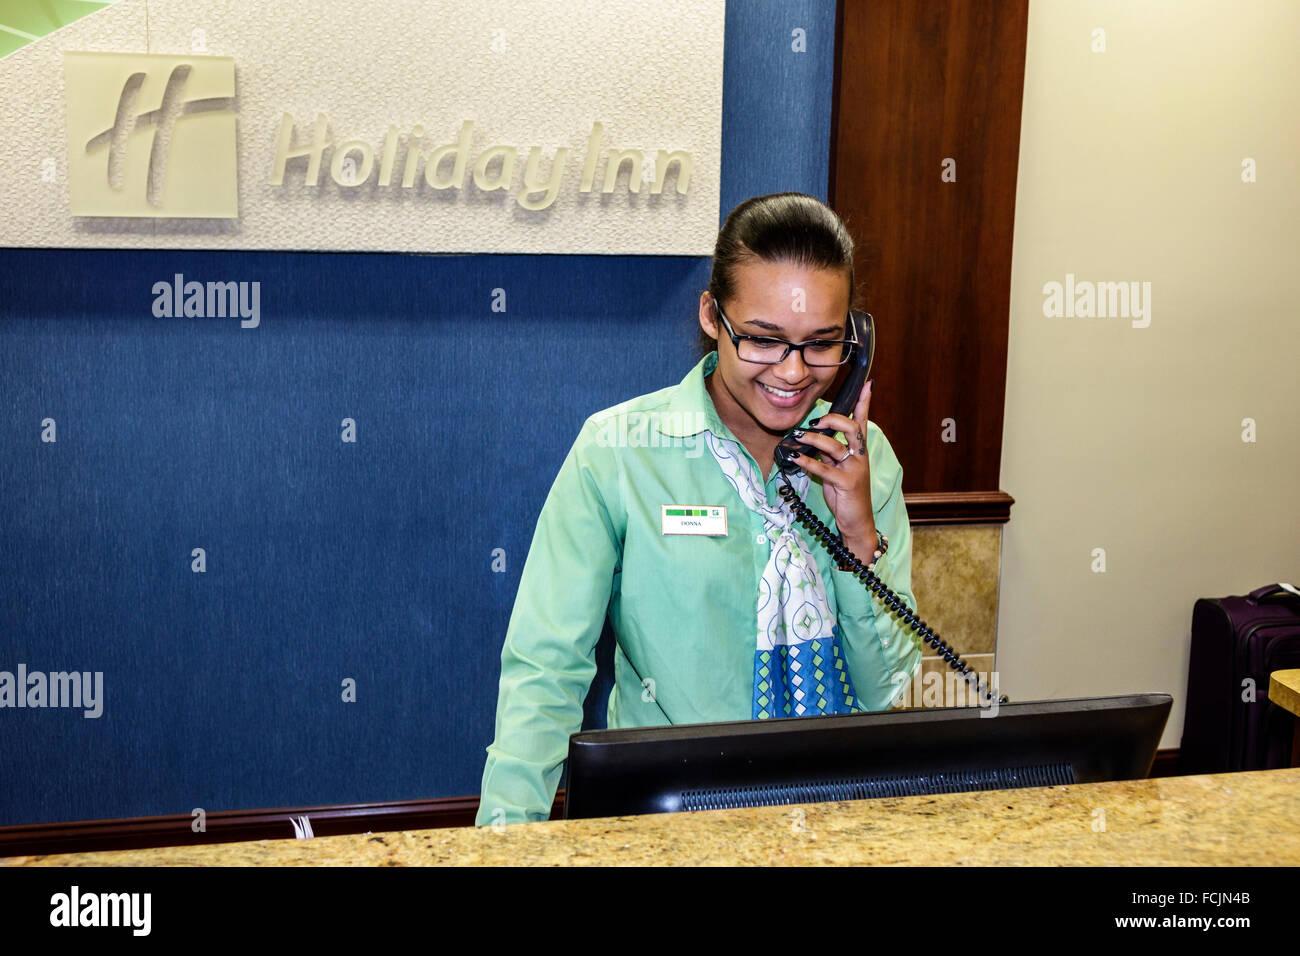 Orlando, Kissimmee Orlando Florida hotel Holiday Inn el vestíbulo interior mujer negra de recepción teléfono Imagen De Stock